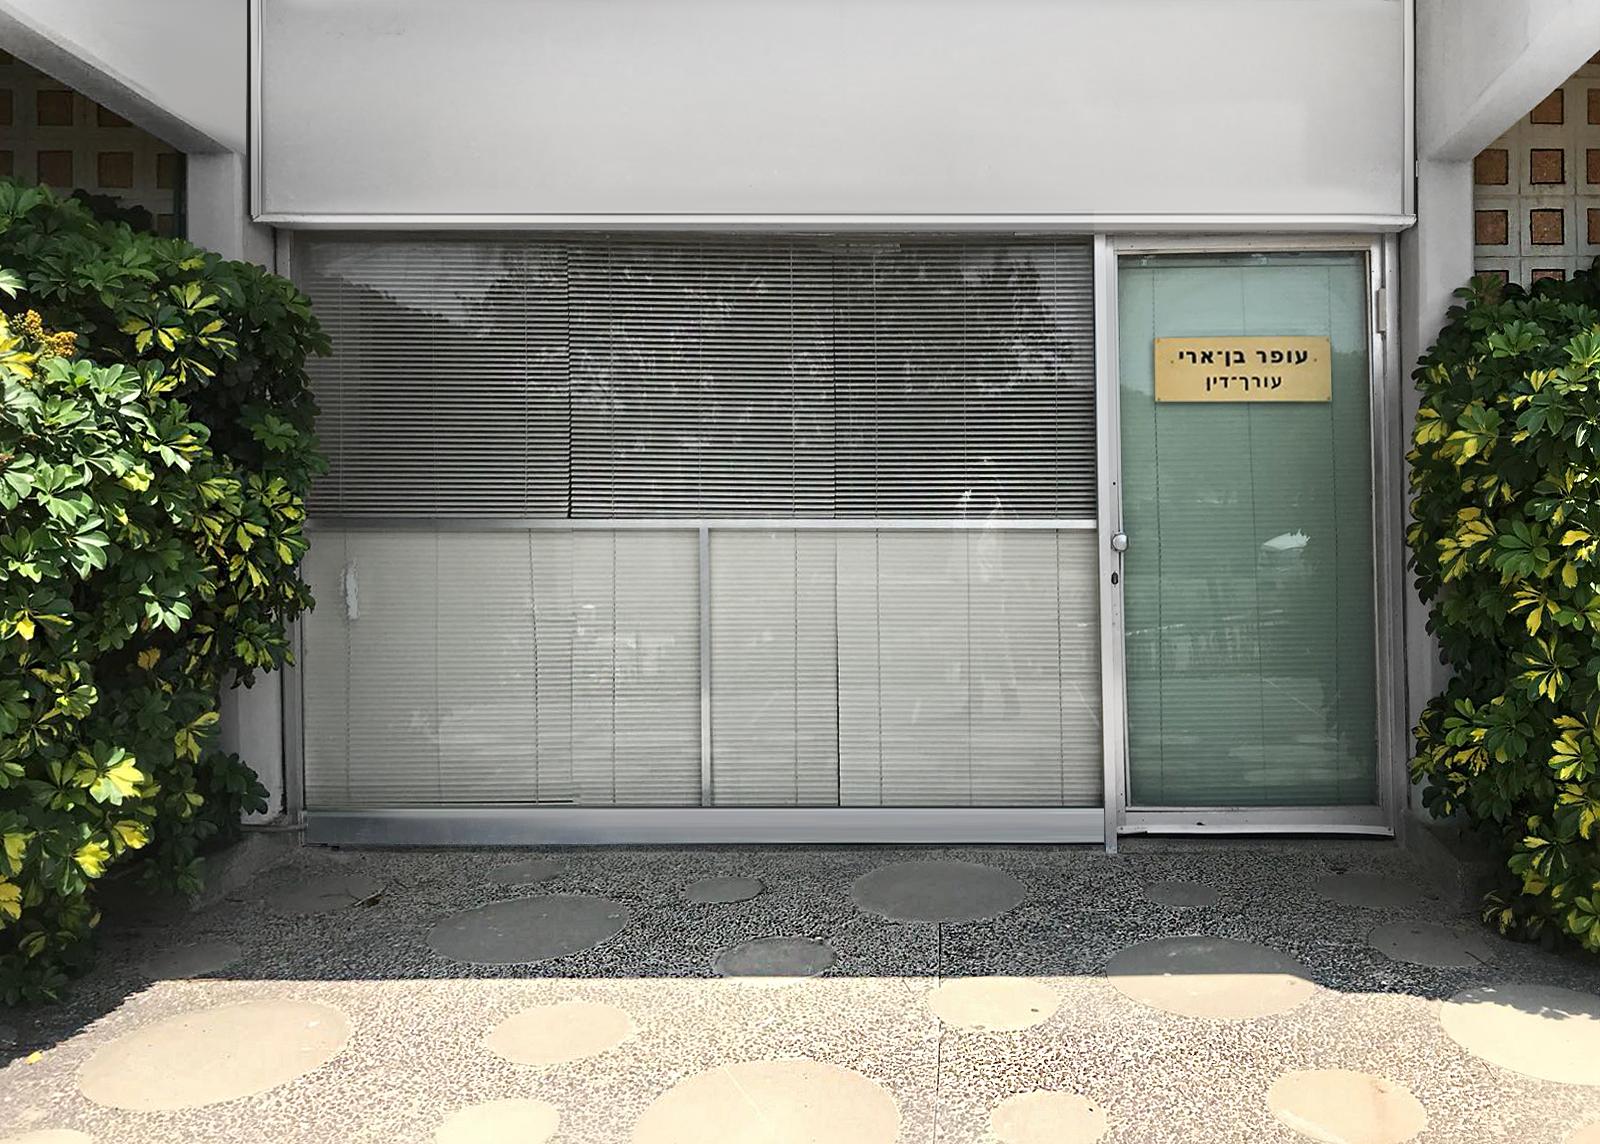 כניסה למשרדו של עורך דין עופר בן ארי הצמוד למלון דן כרמל